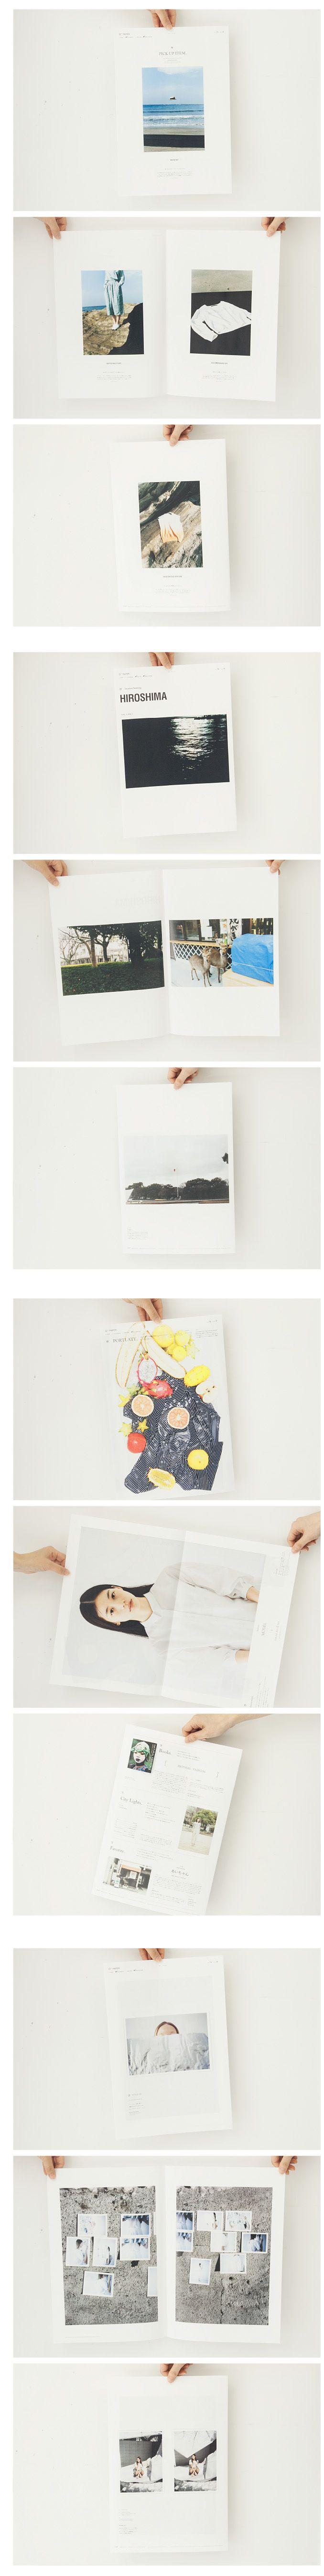 Nakamuragraph